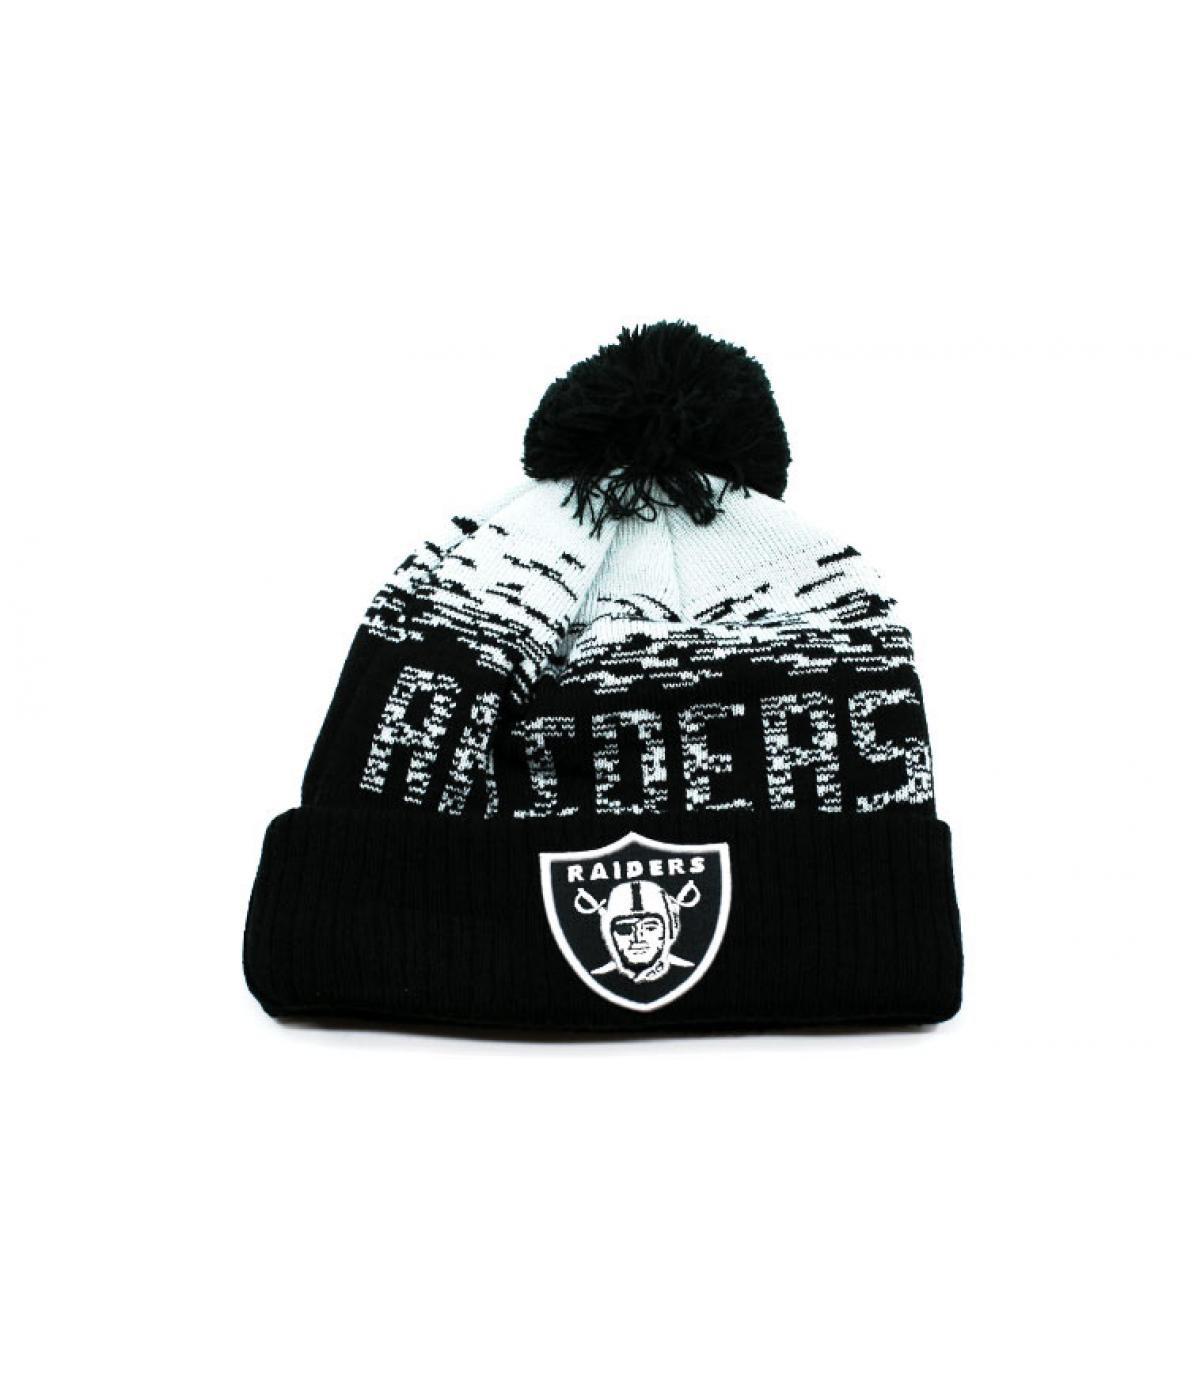 Bommel Mütze Raiders schwarz